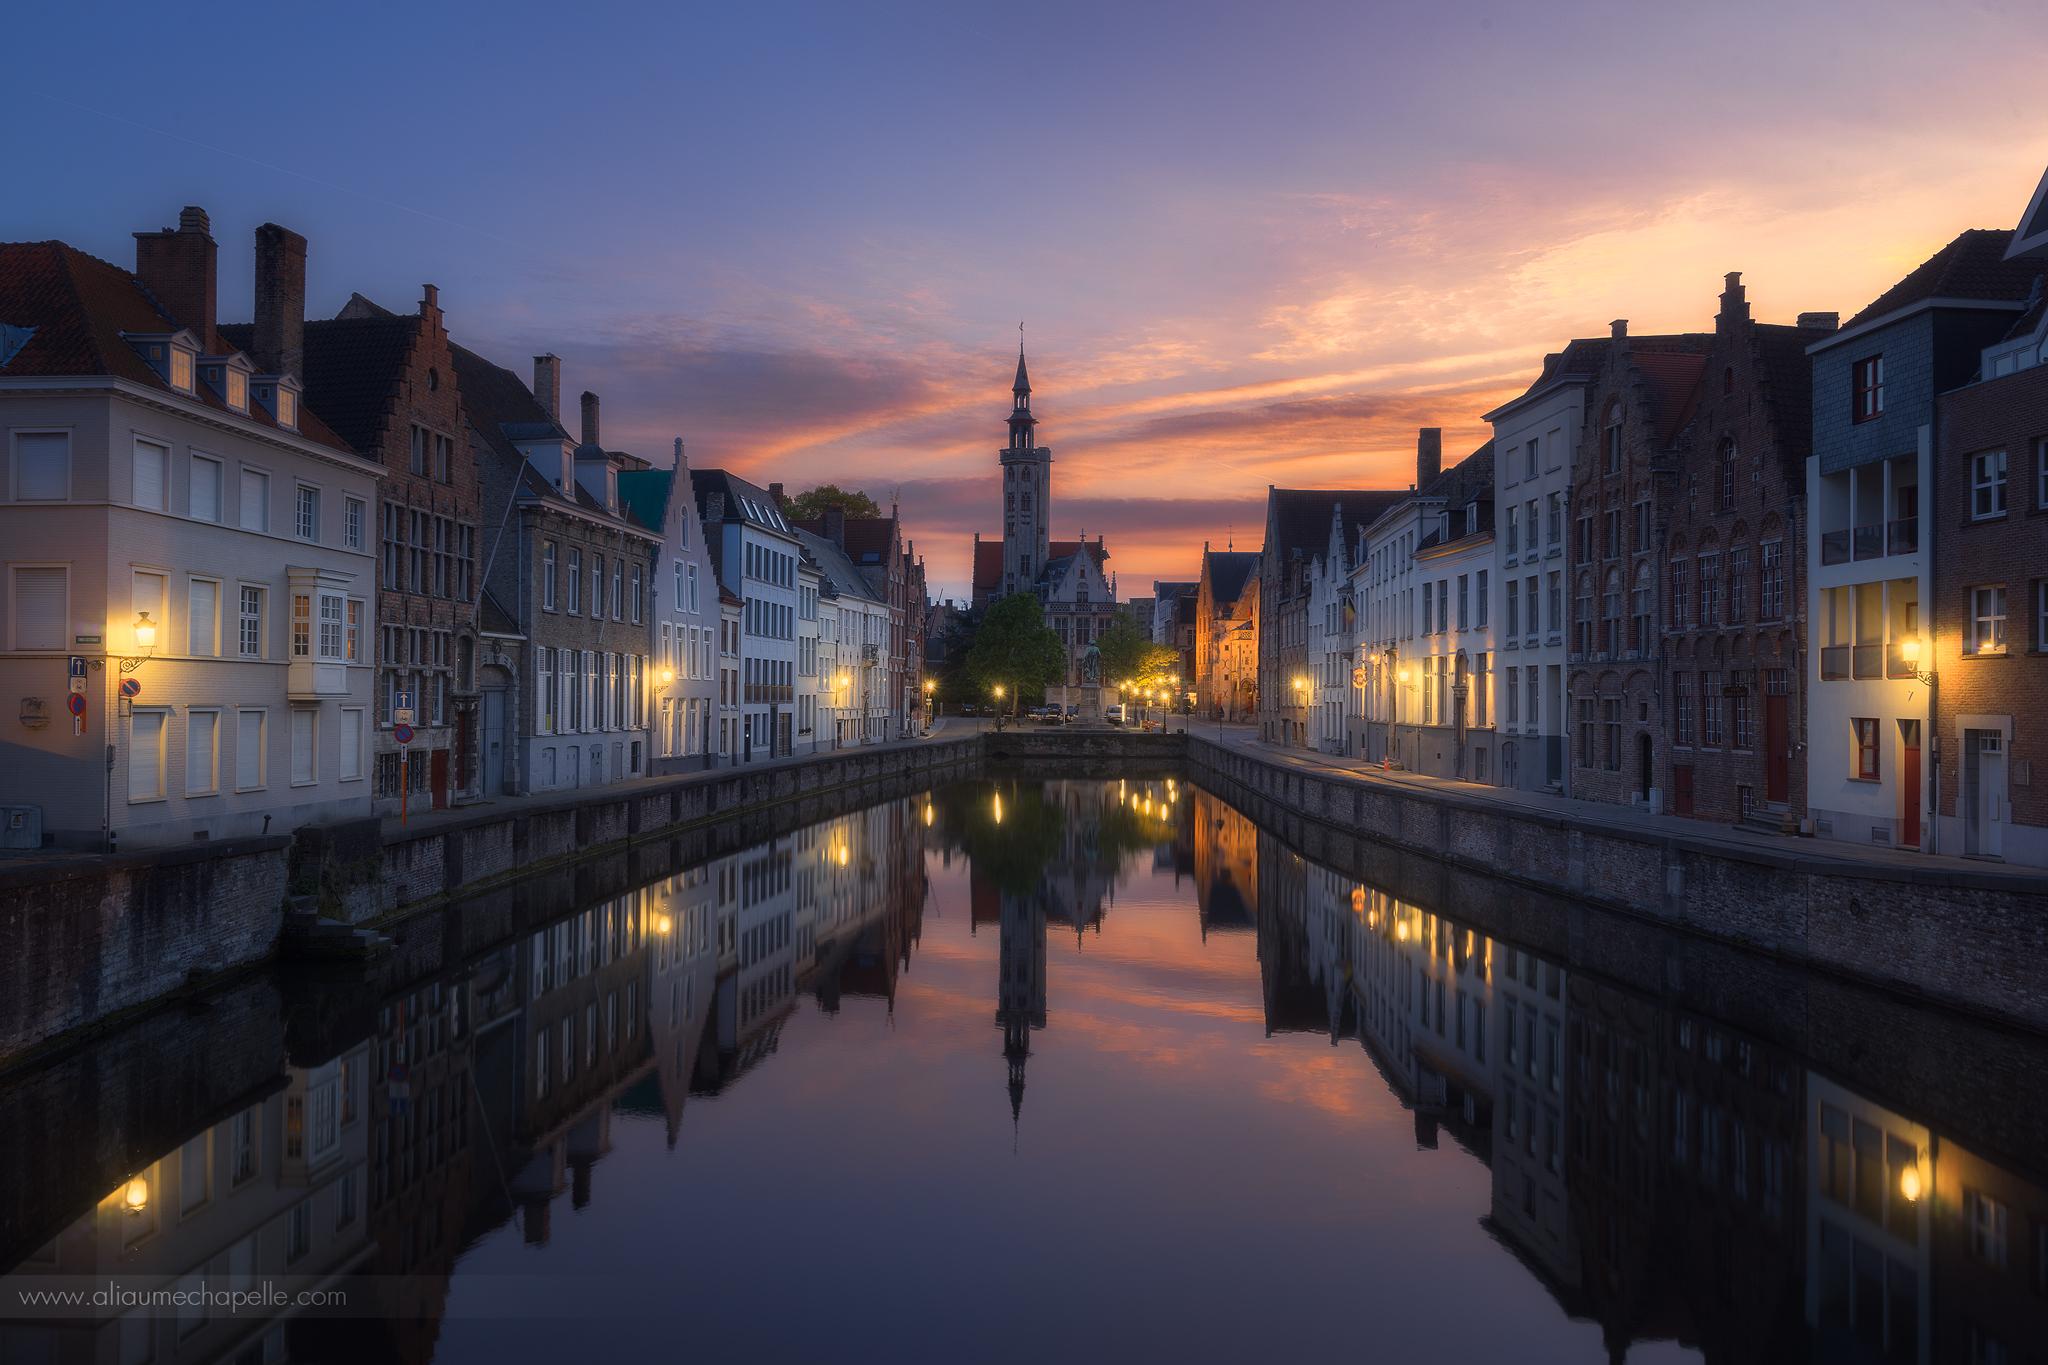 Poortersloge, Belgium